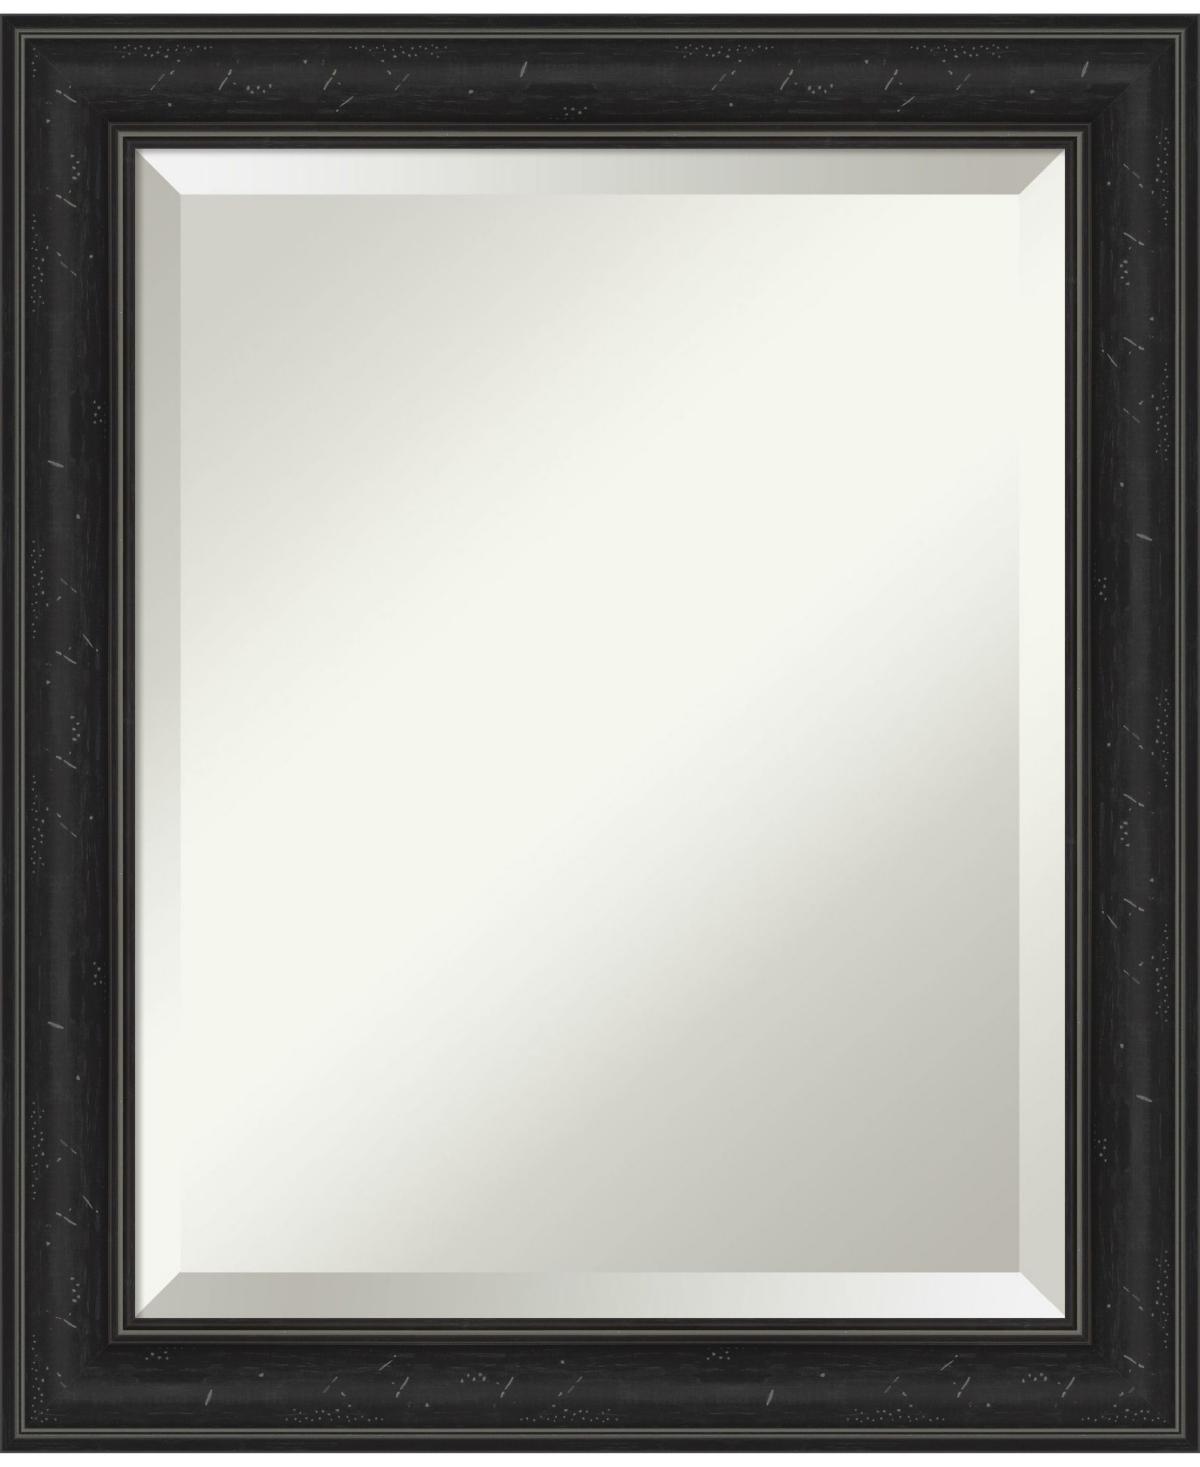 Amanti Art Shipwreck Framed Bathroom Vanity Wall Mirror, 20